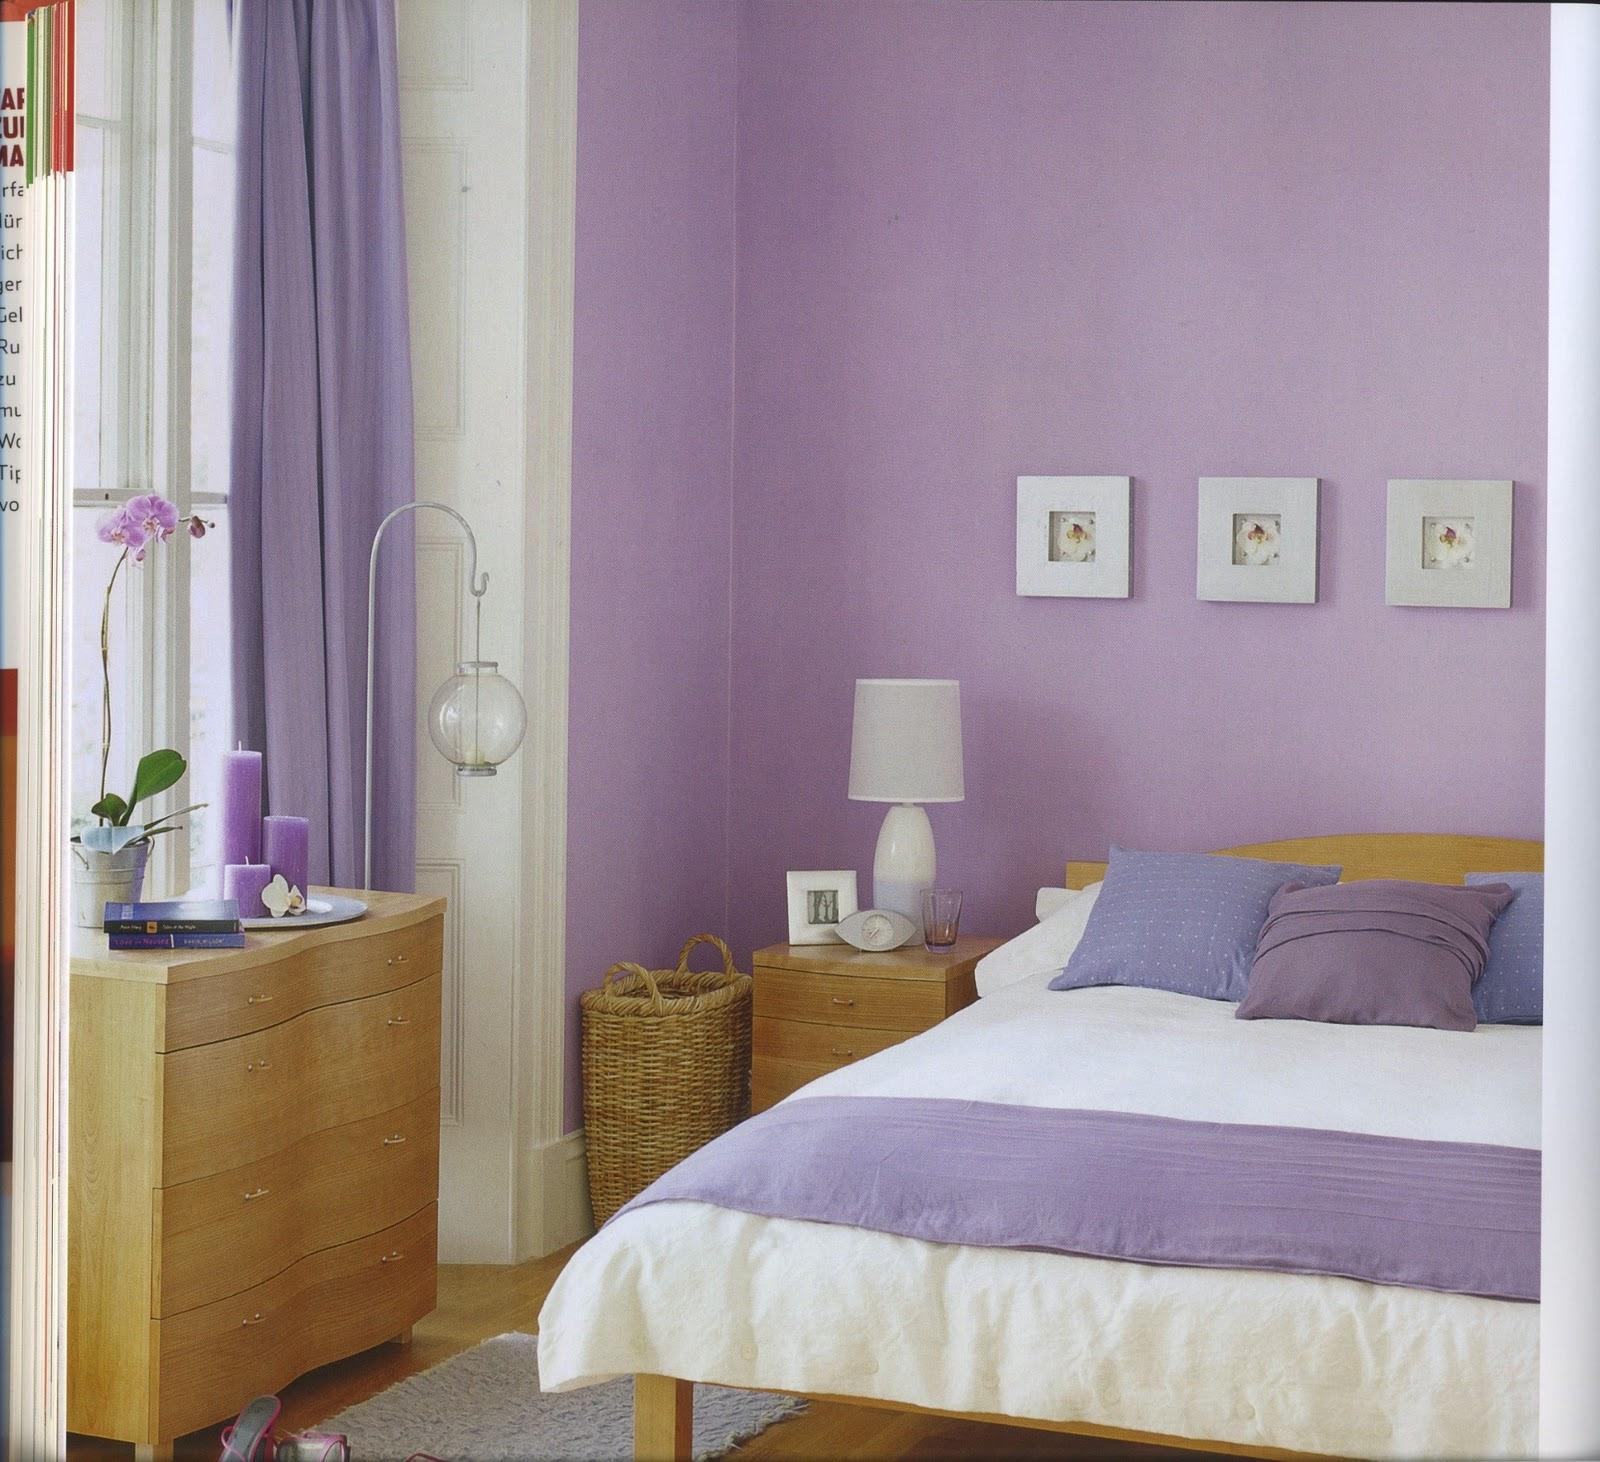 Wandfarbe Violett Lila Kolorat Eine Auswahl In Lila: Julia´s Innenwelten: Alles So Schön Bunt Hier